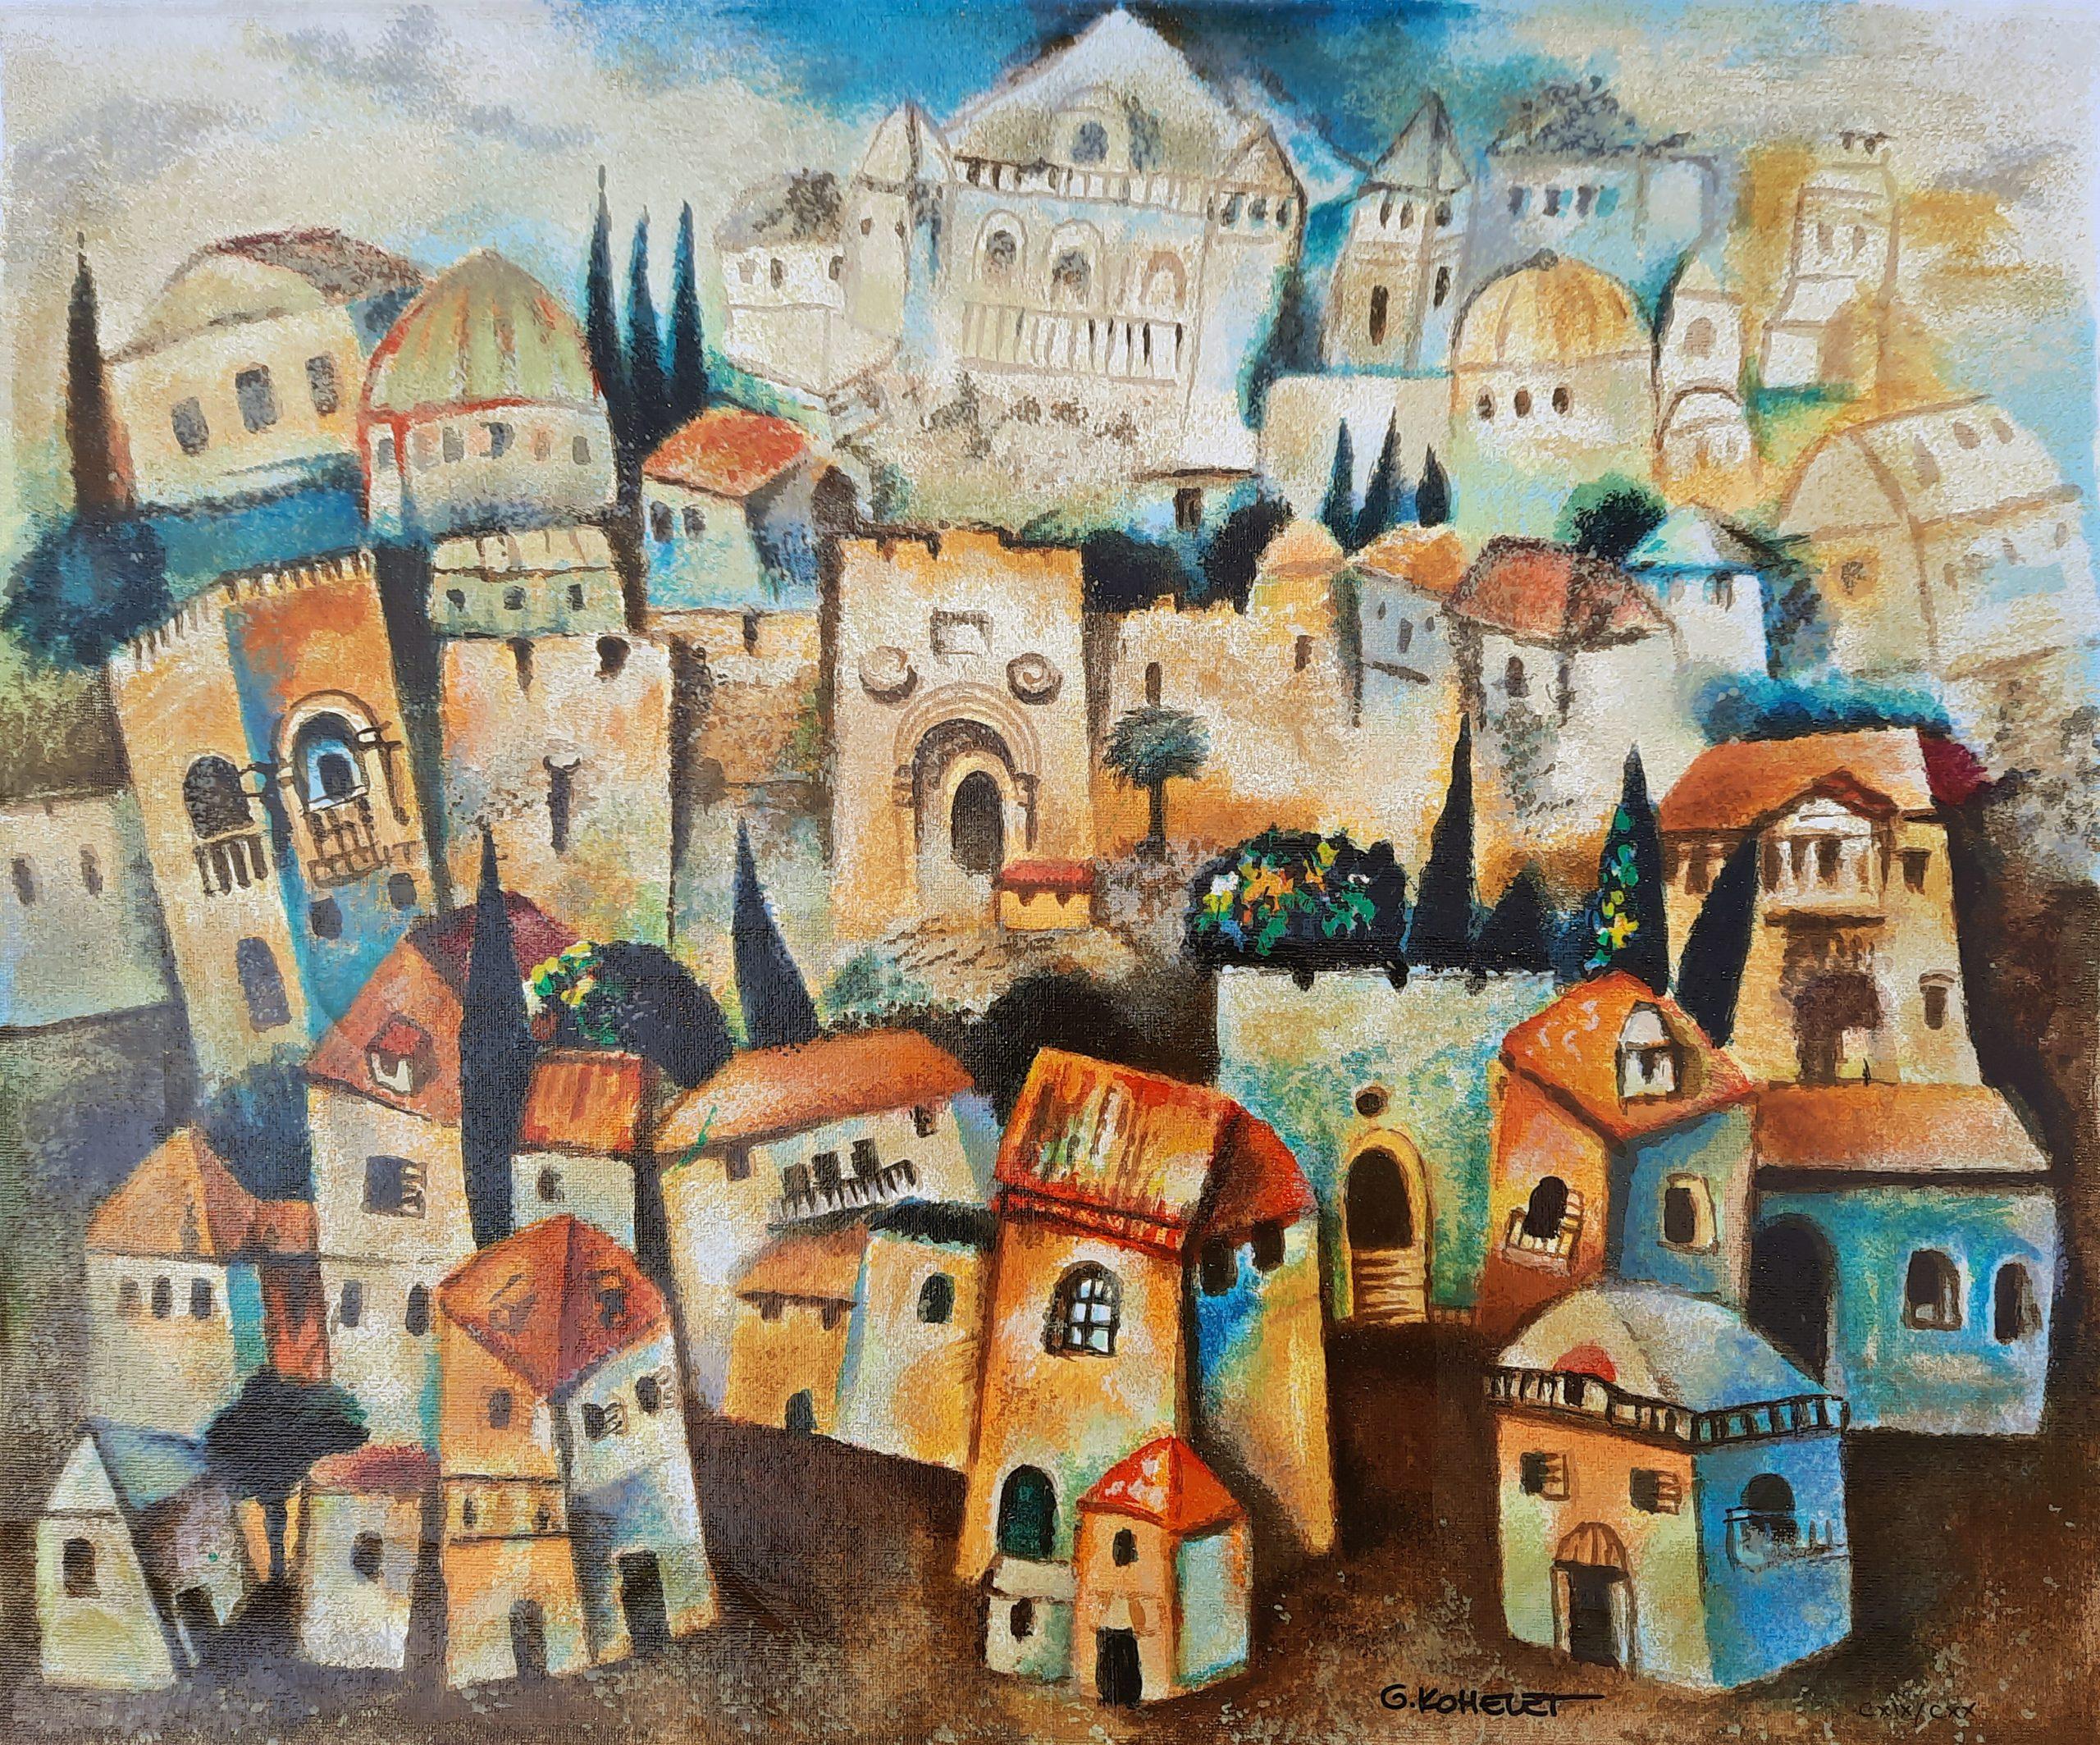 Jerusalem IV by Gregory Kohelet